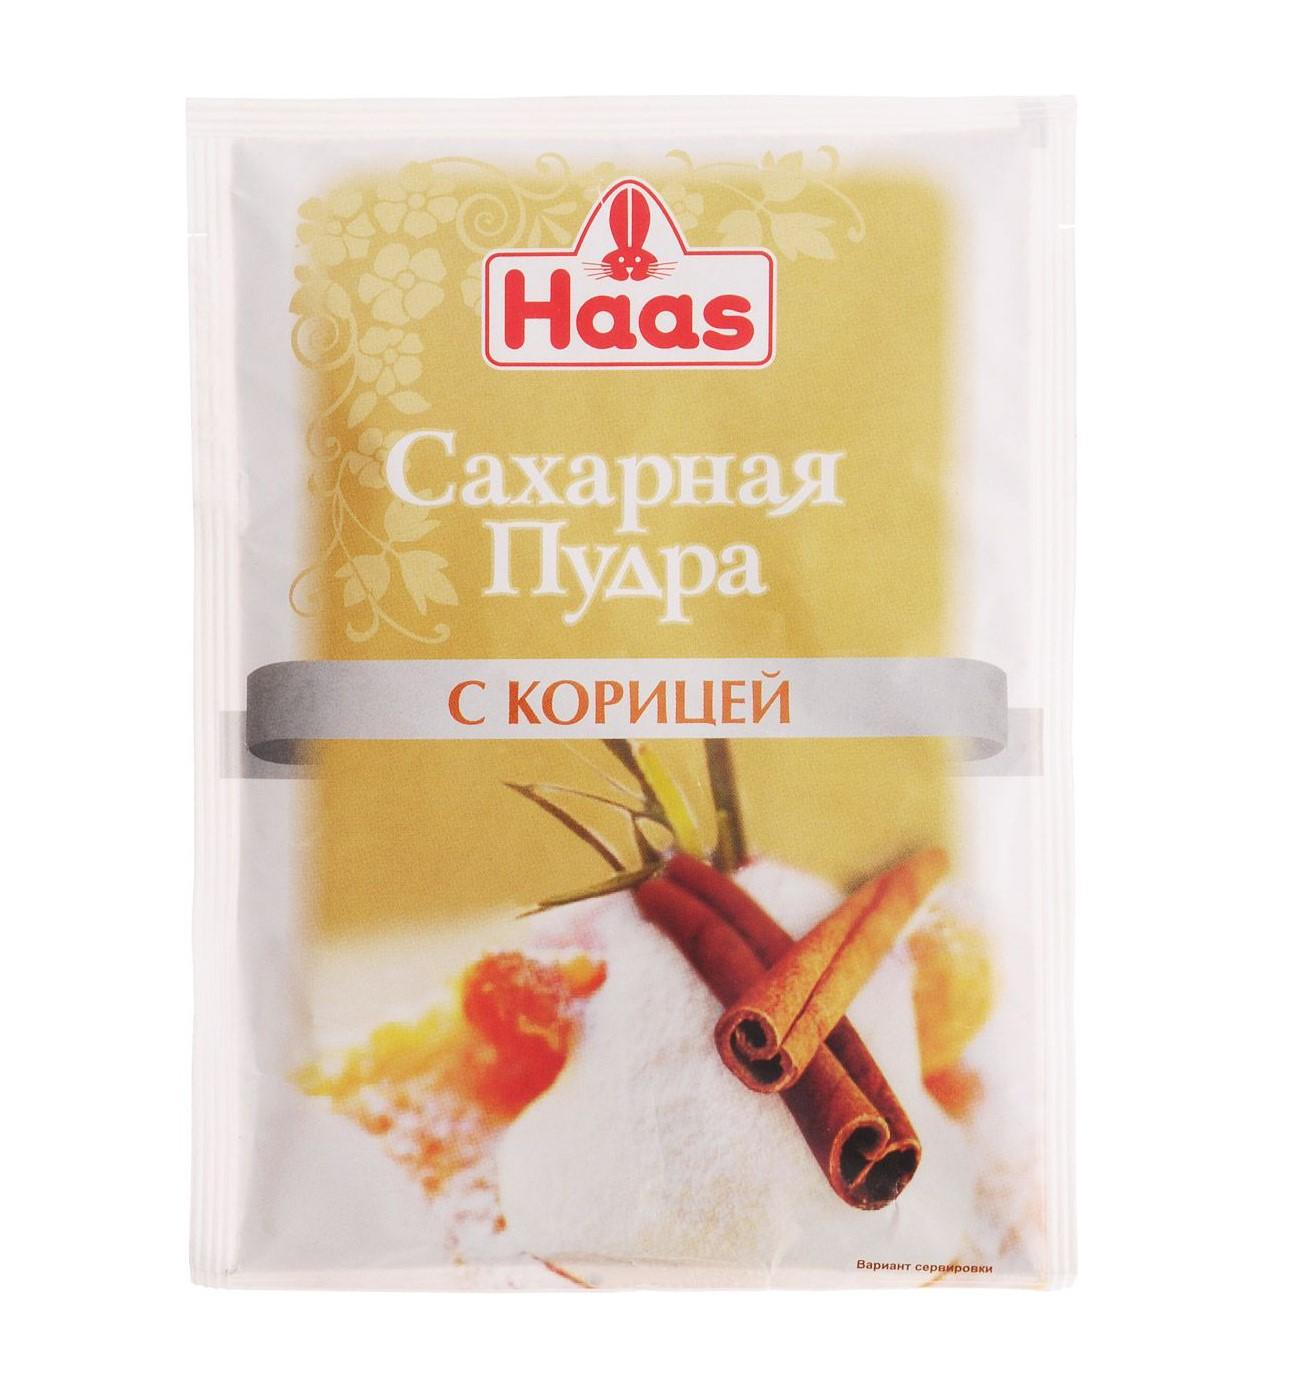 Сахарная пудра Haas 80 г